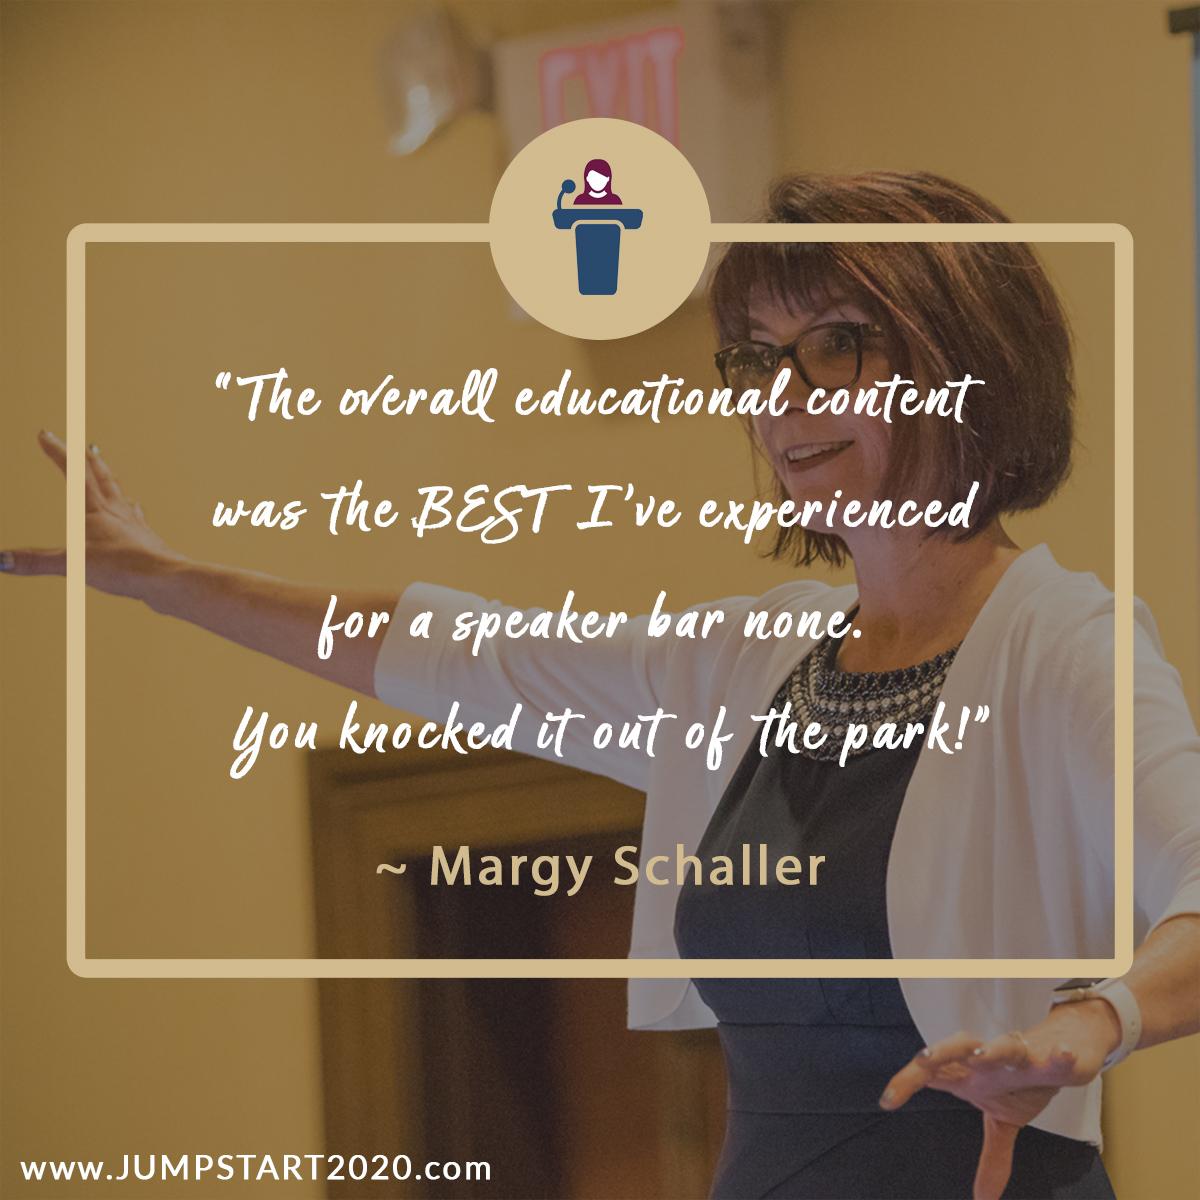 Margy Schaller review on Jumpstart Dental Meeting